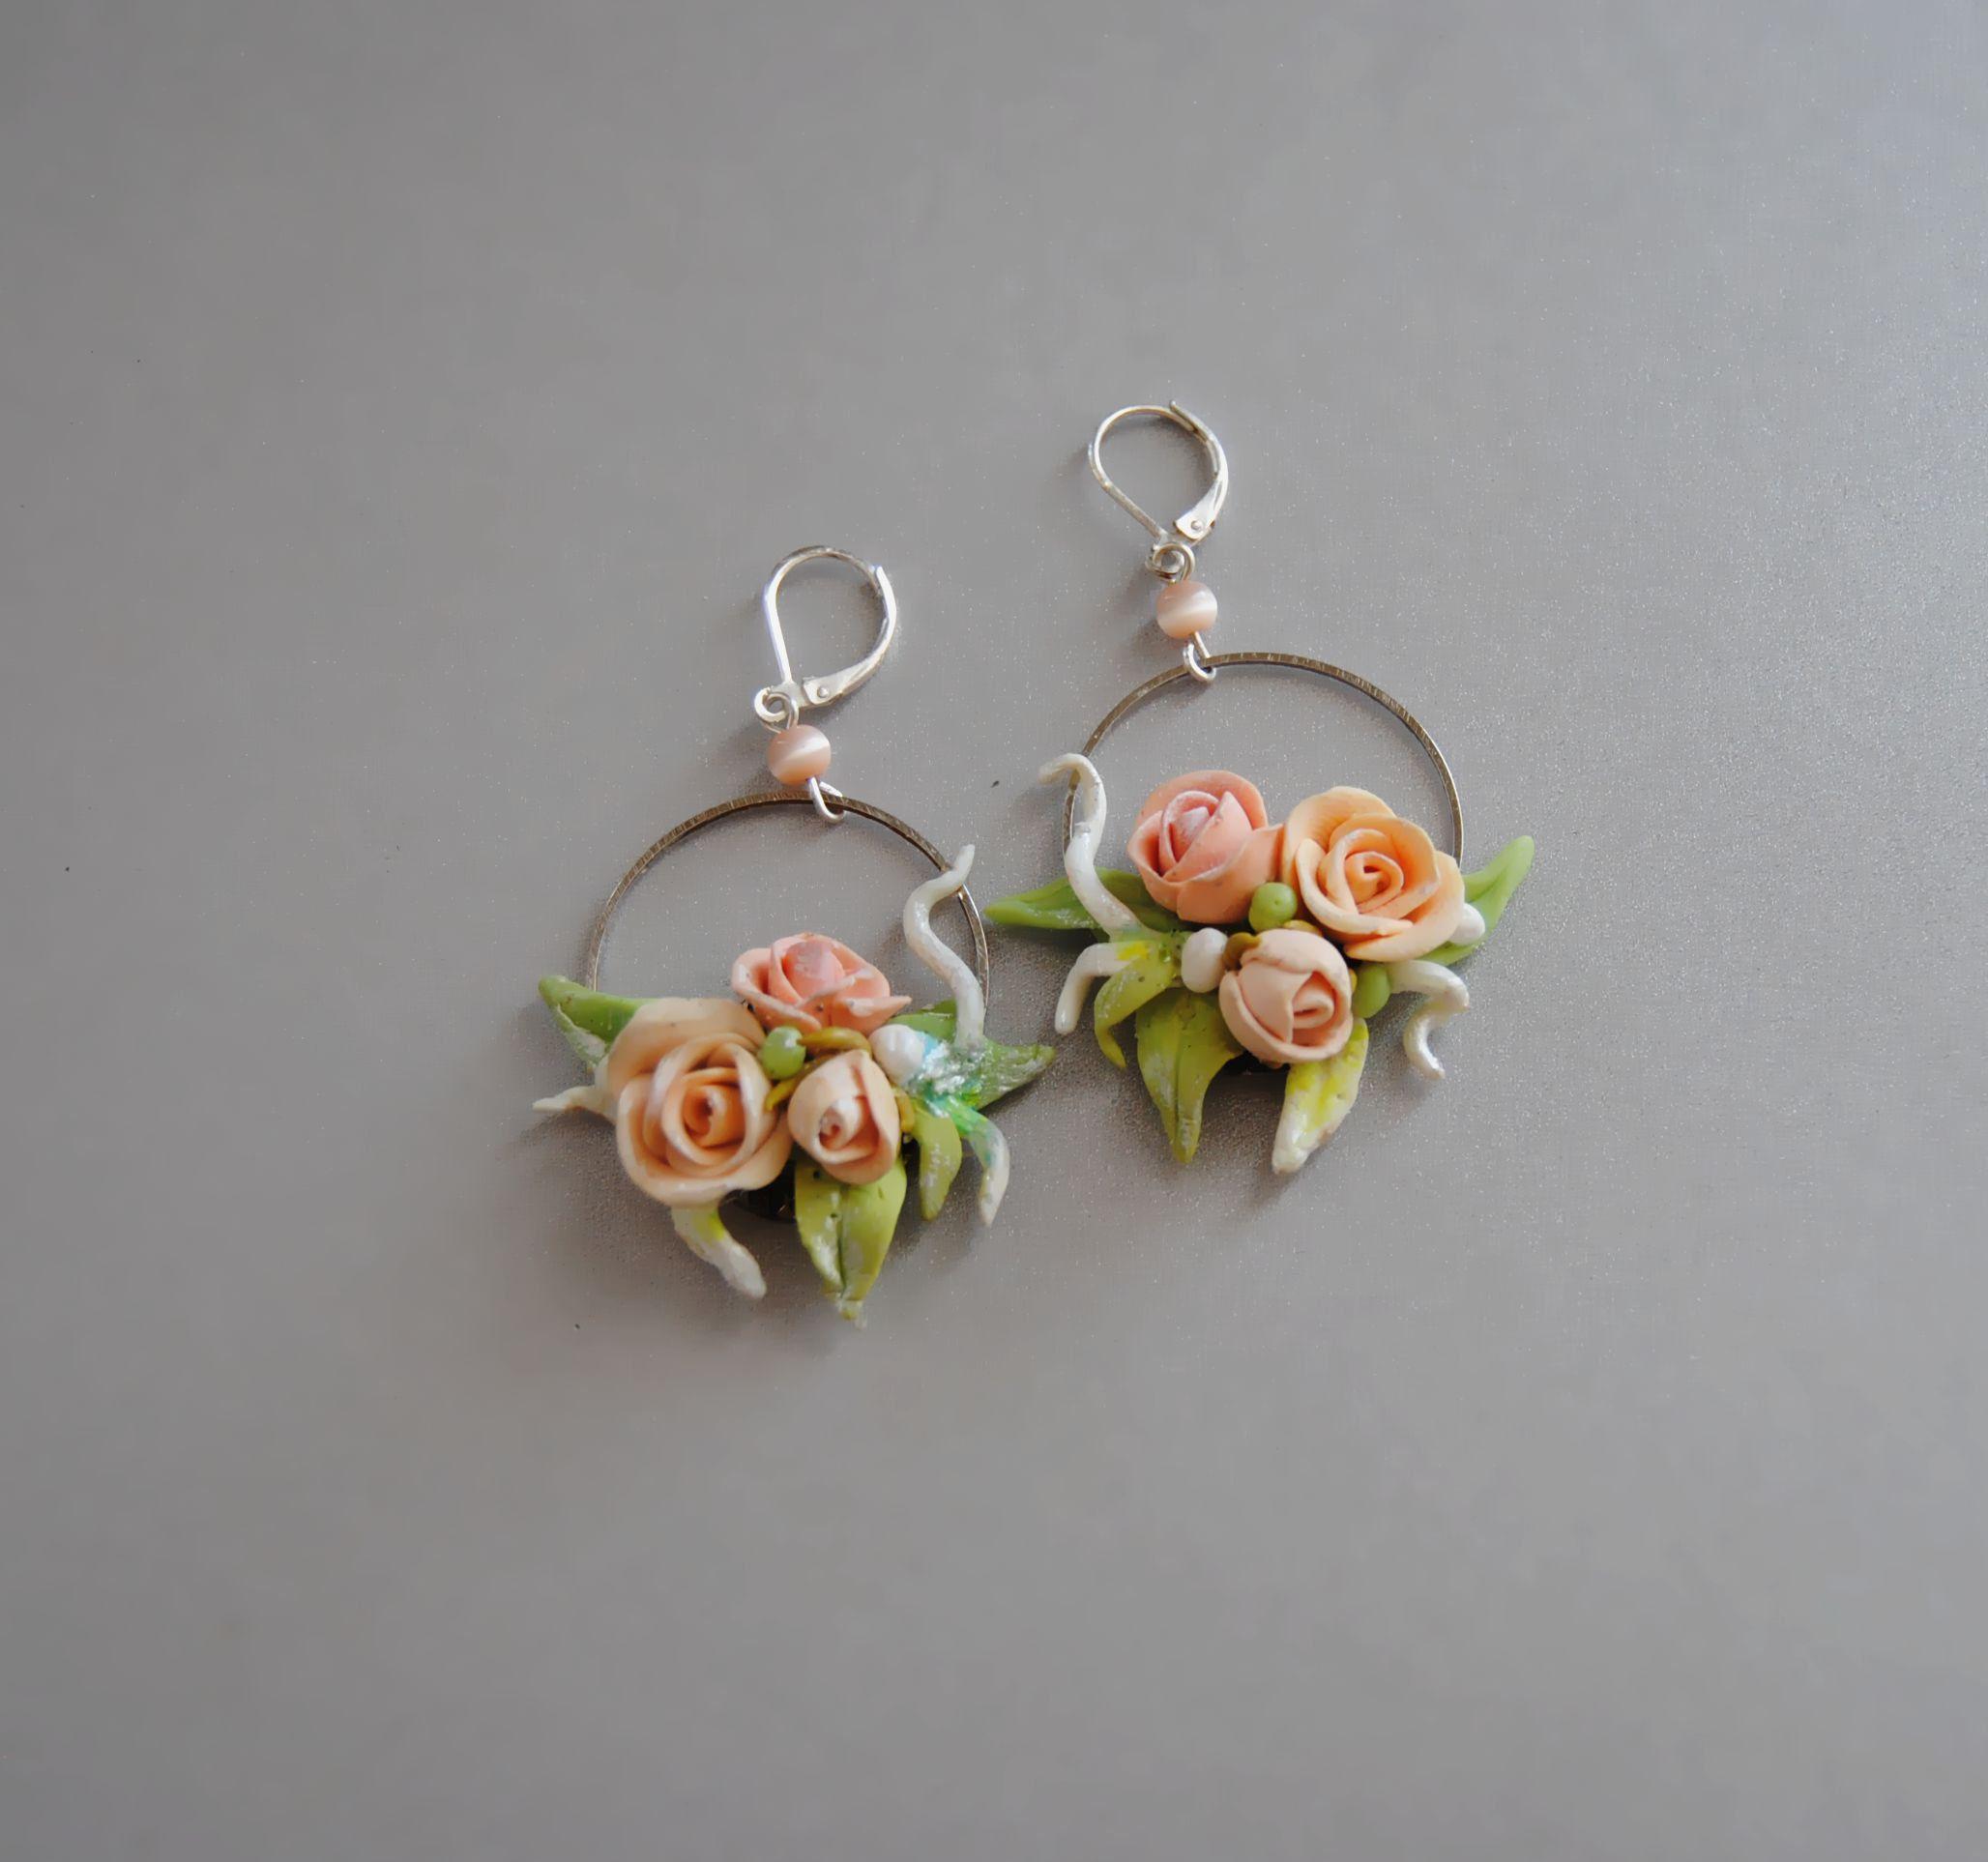 Wedding Earrings Rose Earrings Flower Jewelry Clay Flower Etsy Flower Jewellery Floral Jewellery Rose Earrings